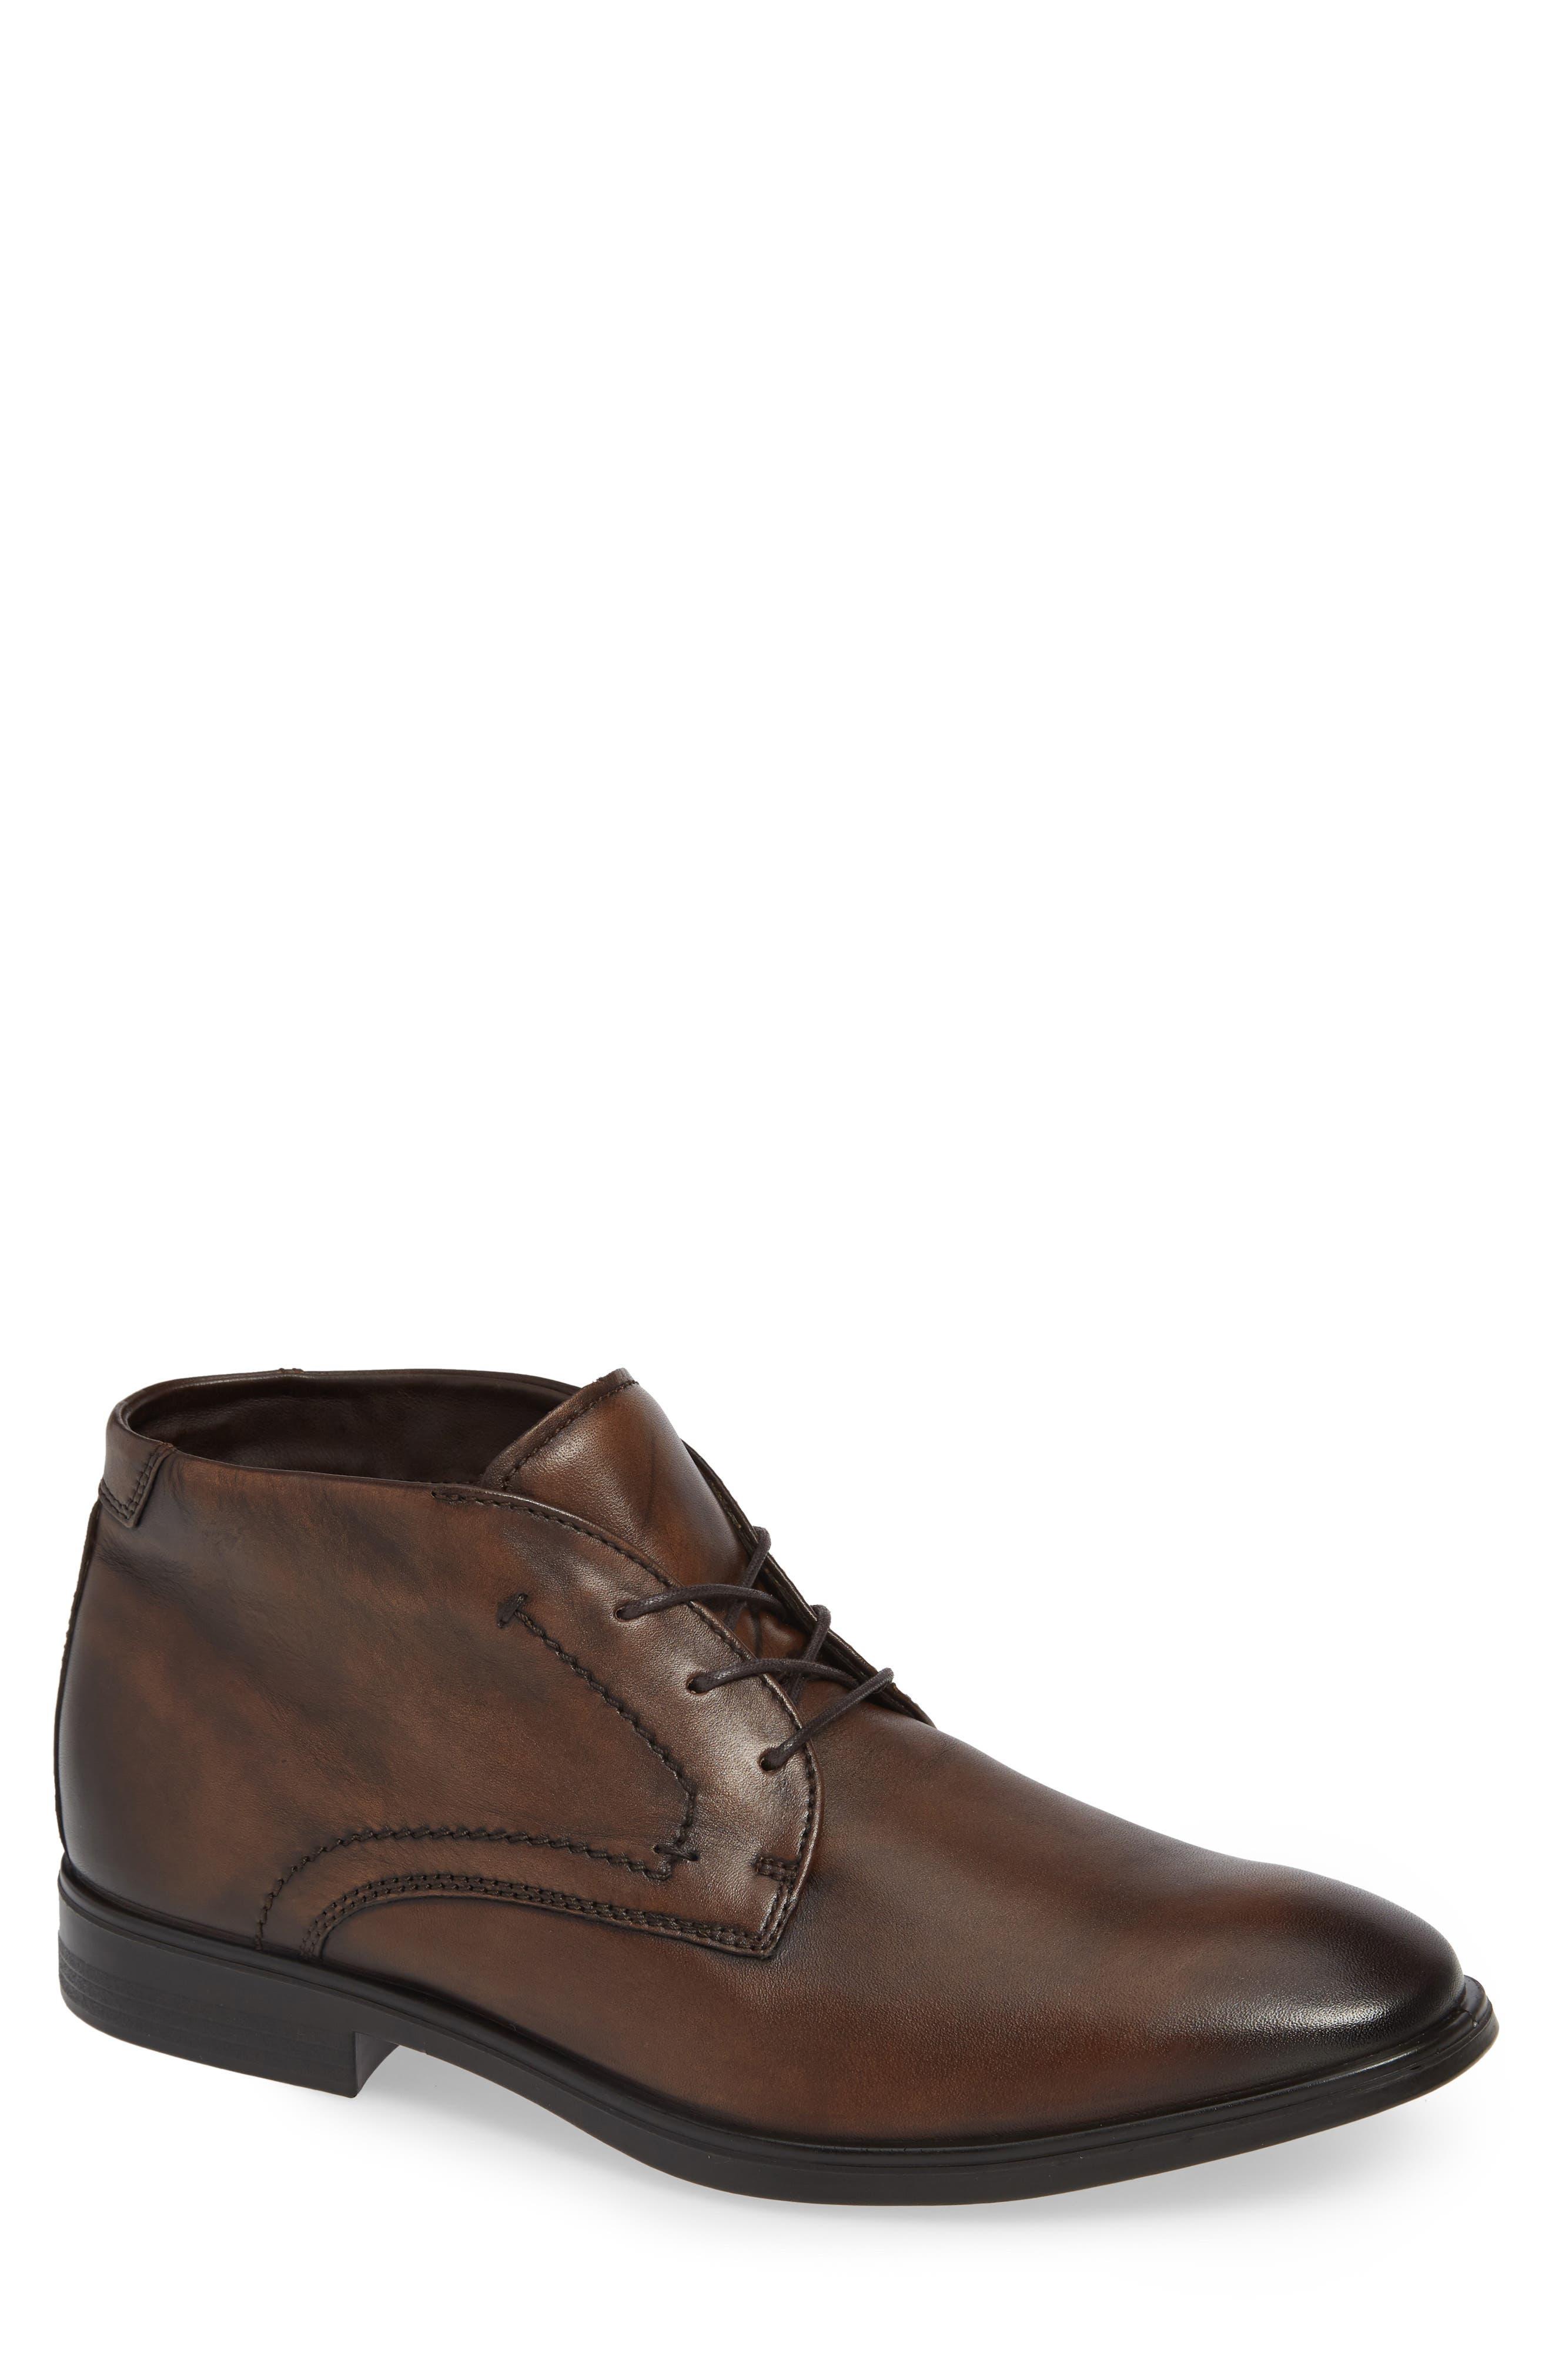 Ecco Melbourne Chukka Boot, Brown